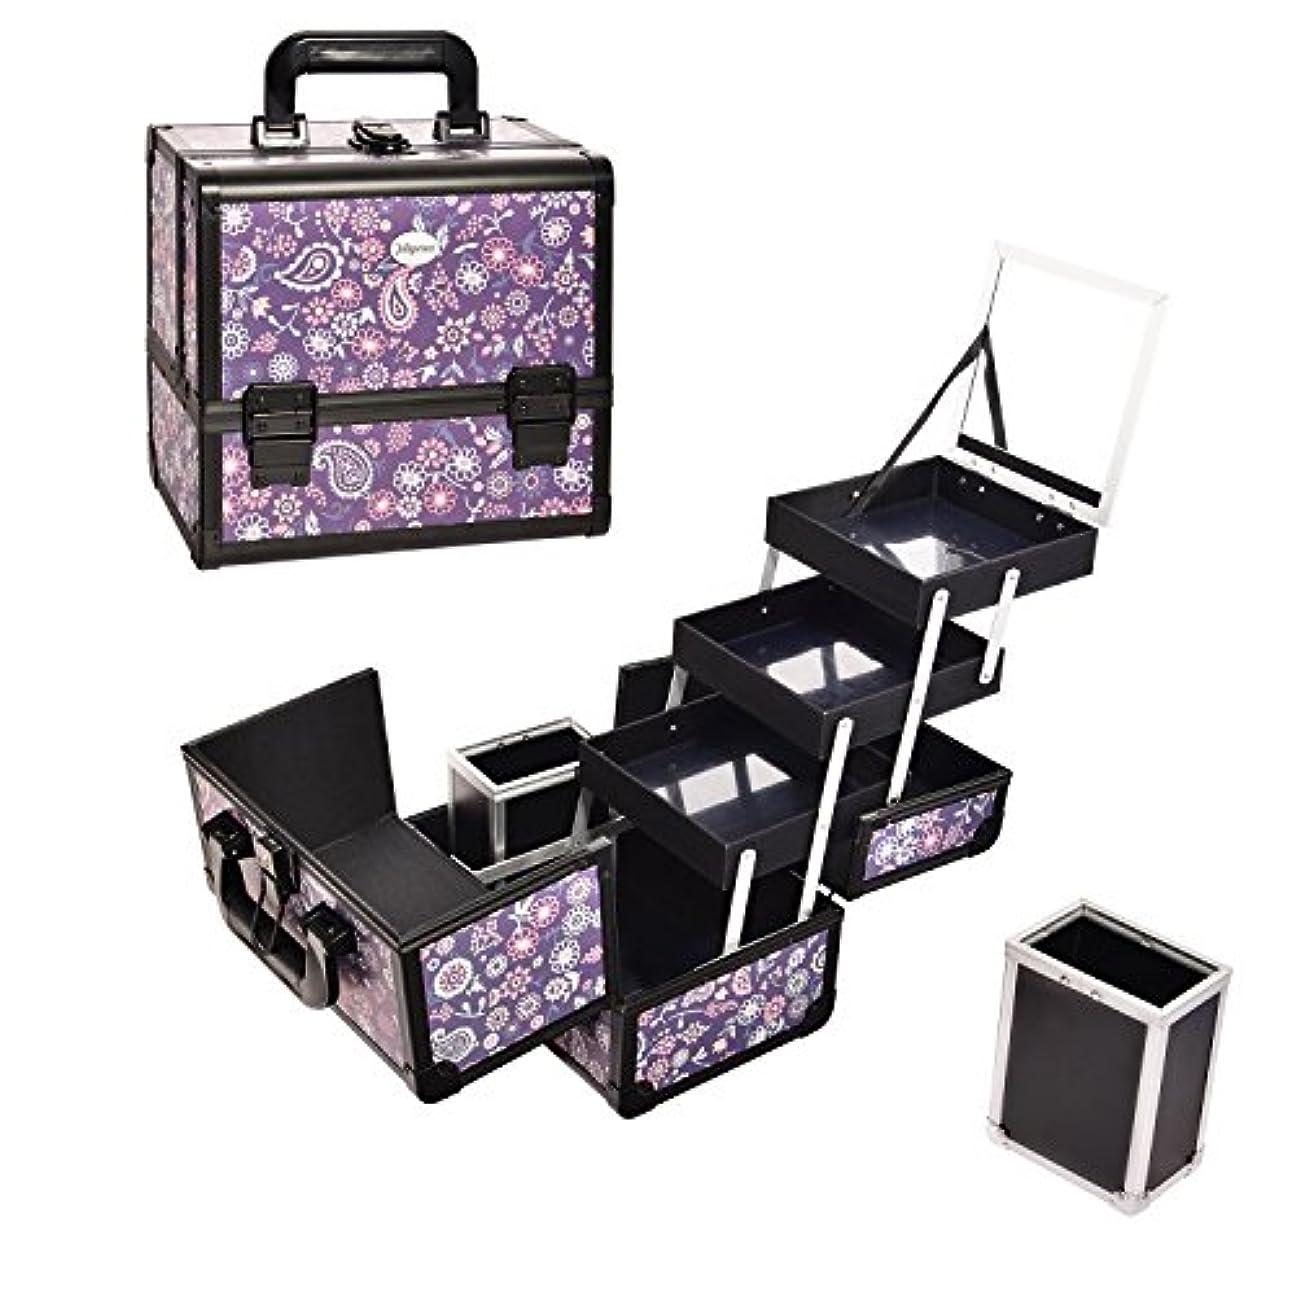 否定する識別する裏切り者メイクアップボックスミラーとブラシホルダー 化粧品ケース ジュエリーオーガナイザー キーによる軽量のロック可能(紫の花)